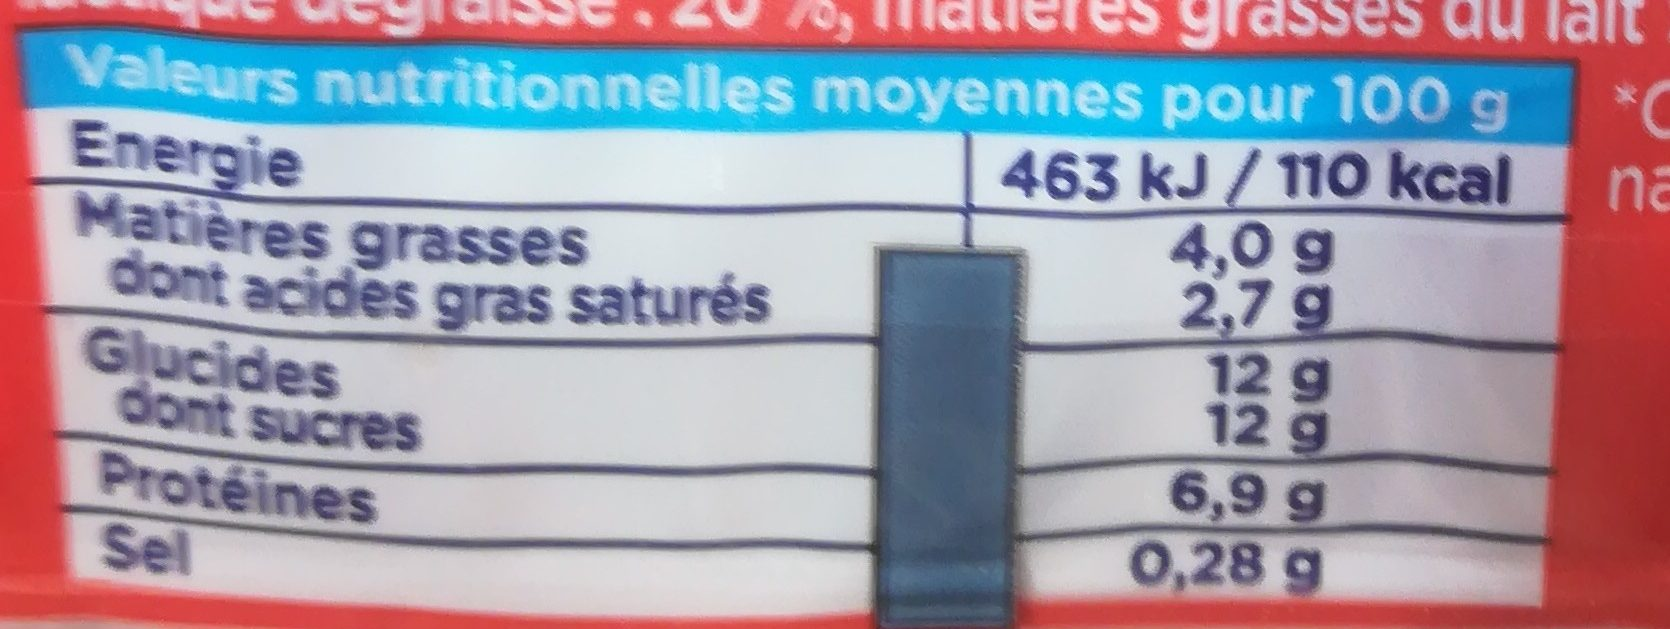 GLORIA Lait Concentré Non Sucré 1/2 Ecrémé 4% Blister 10 dosettes - Informations nutritionnelles - fr